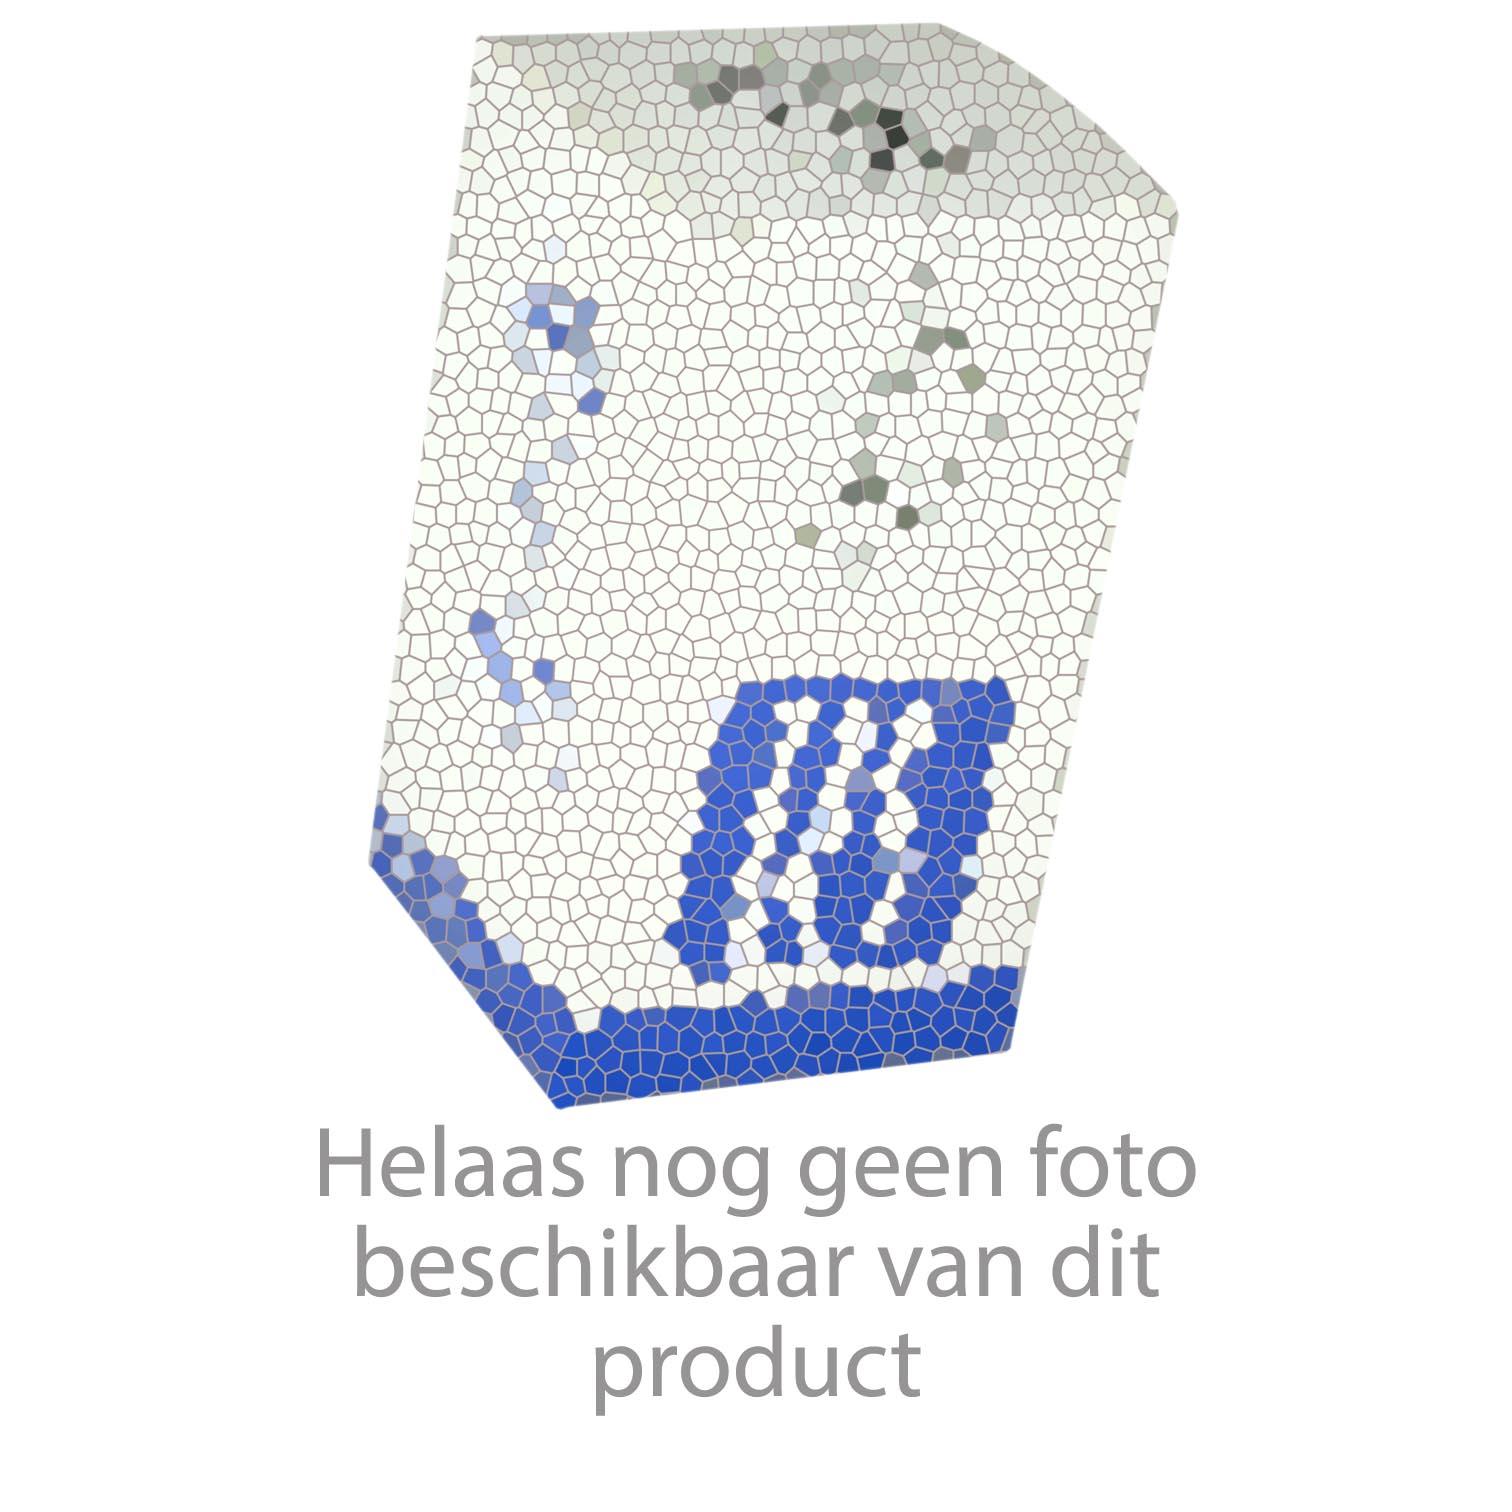 HansGrohe Afvoer- en overloopgarnituren Flexaplus productiejaar > 01/01 58145180 onderdelen